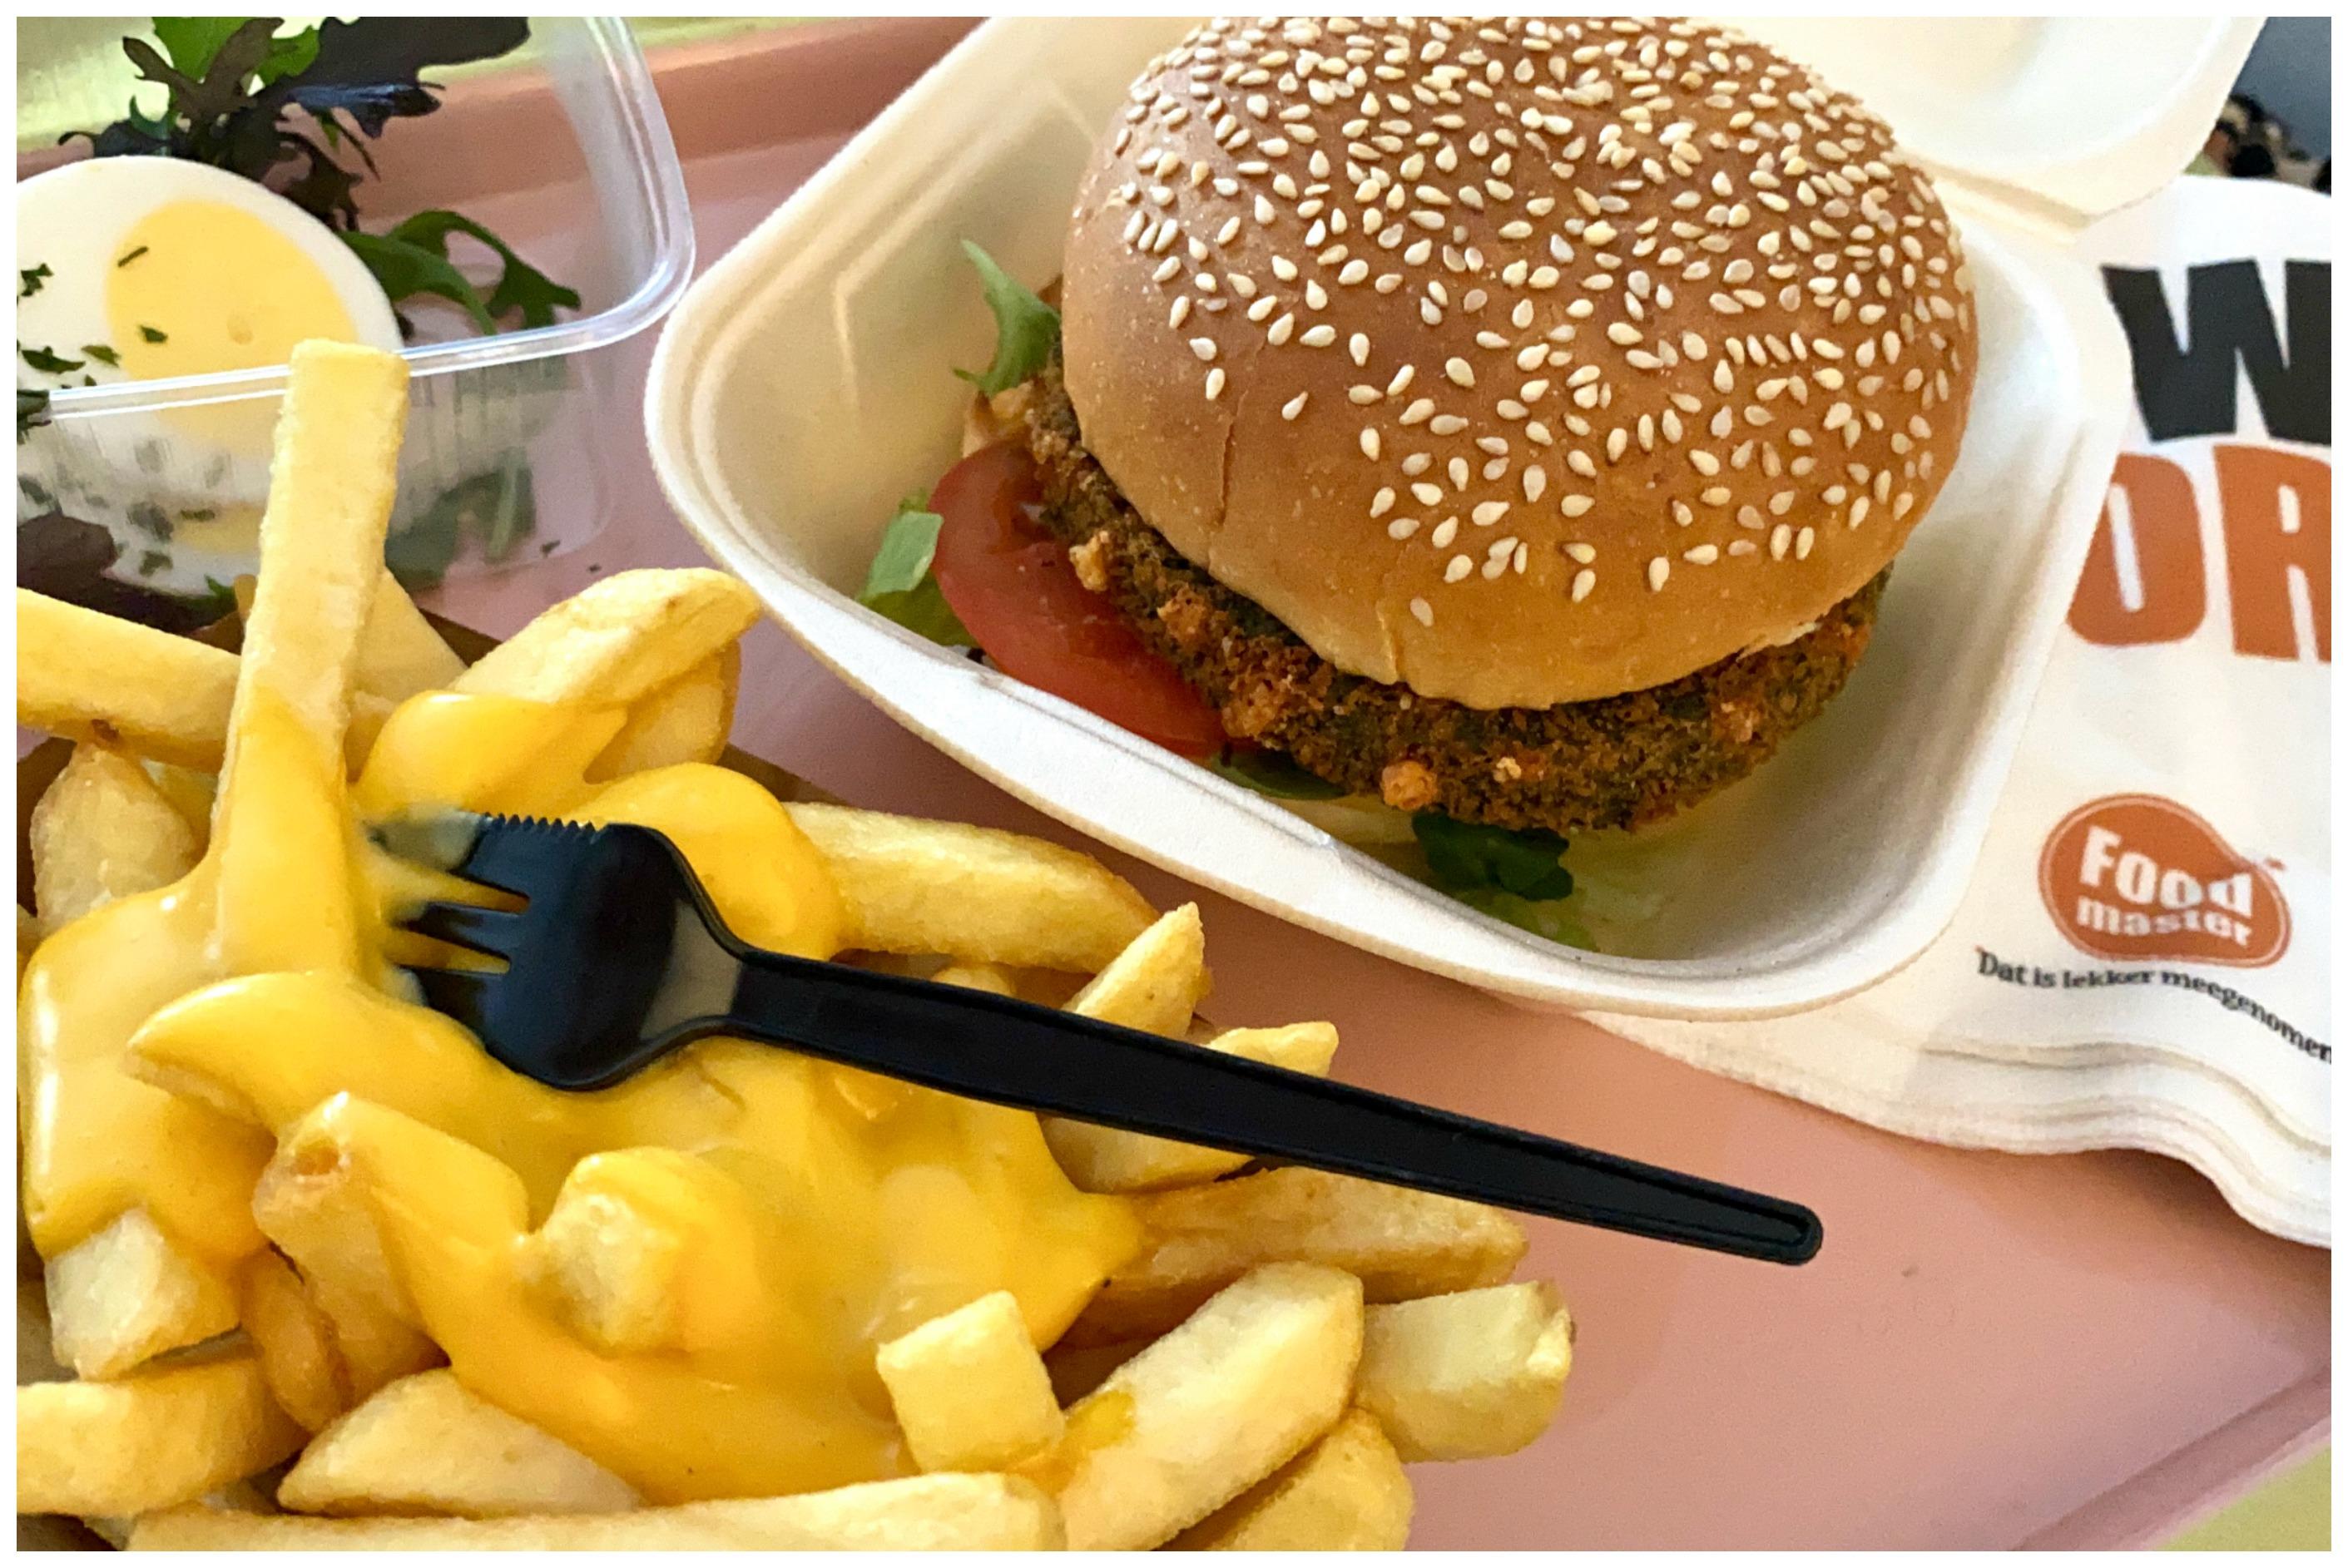 TGIB Weekly: Pakketjes, Stomme Fout en Cheesy Fries foodmaster